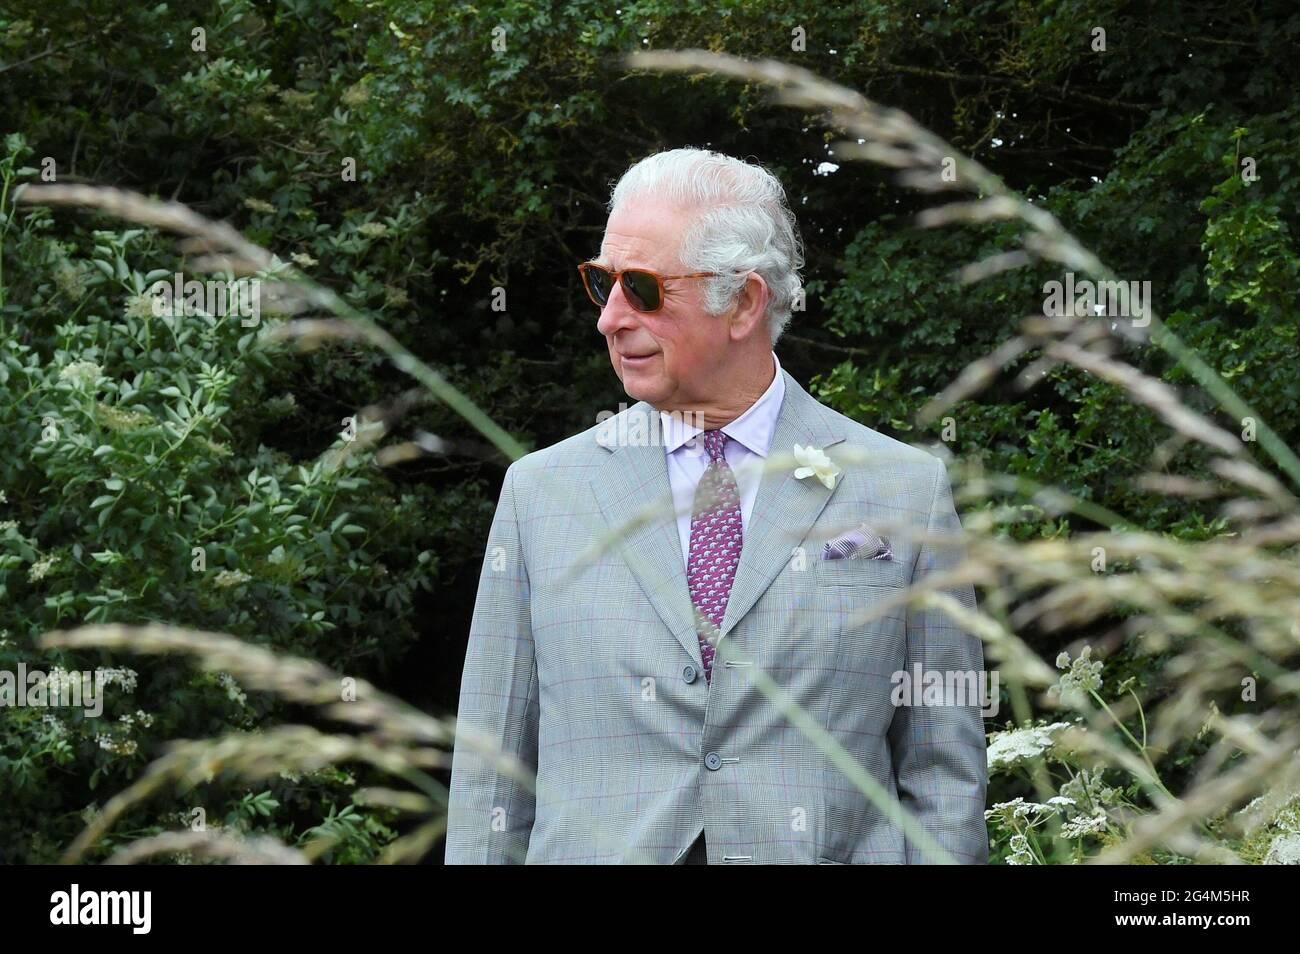 Der Prinz von Wales bei seinem Besuch in Farmed, einem neuen Zentrum für Farm- und Lebensmittelbildung auf der Honeydale Farm, Shipton-under-Wychwood, Oxfordshire. Bilddatum: Dienstag, 22. Juni 2021. Stockfoto